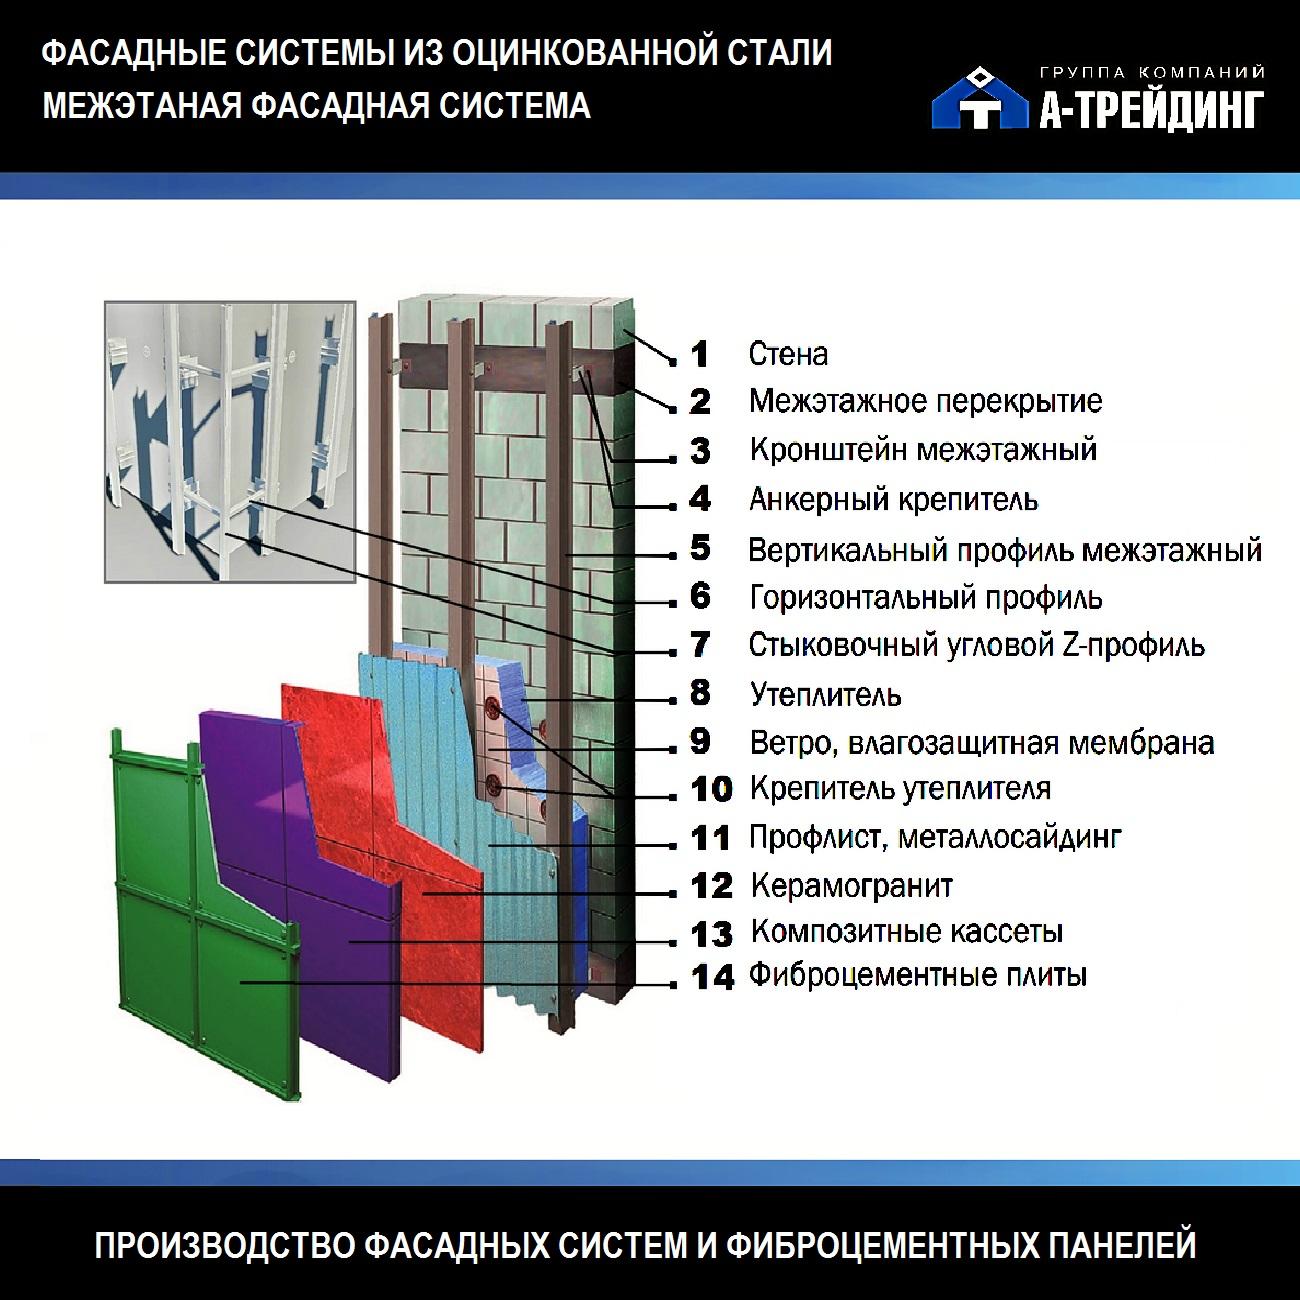 Межэтажная фасадная система, монтируется в бетонные перекрытия